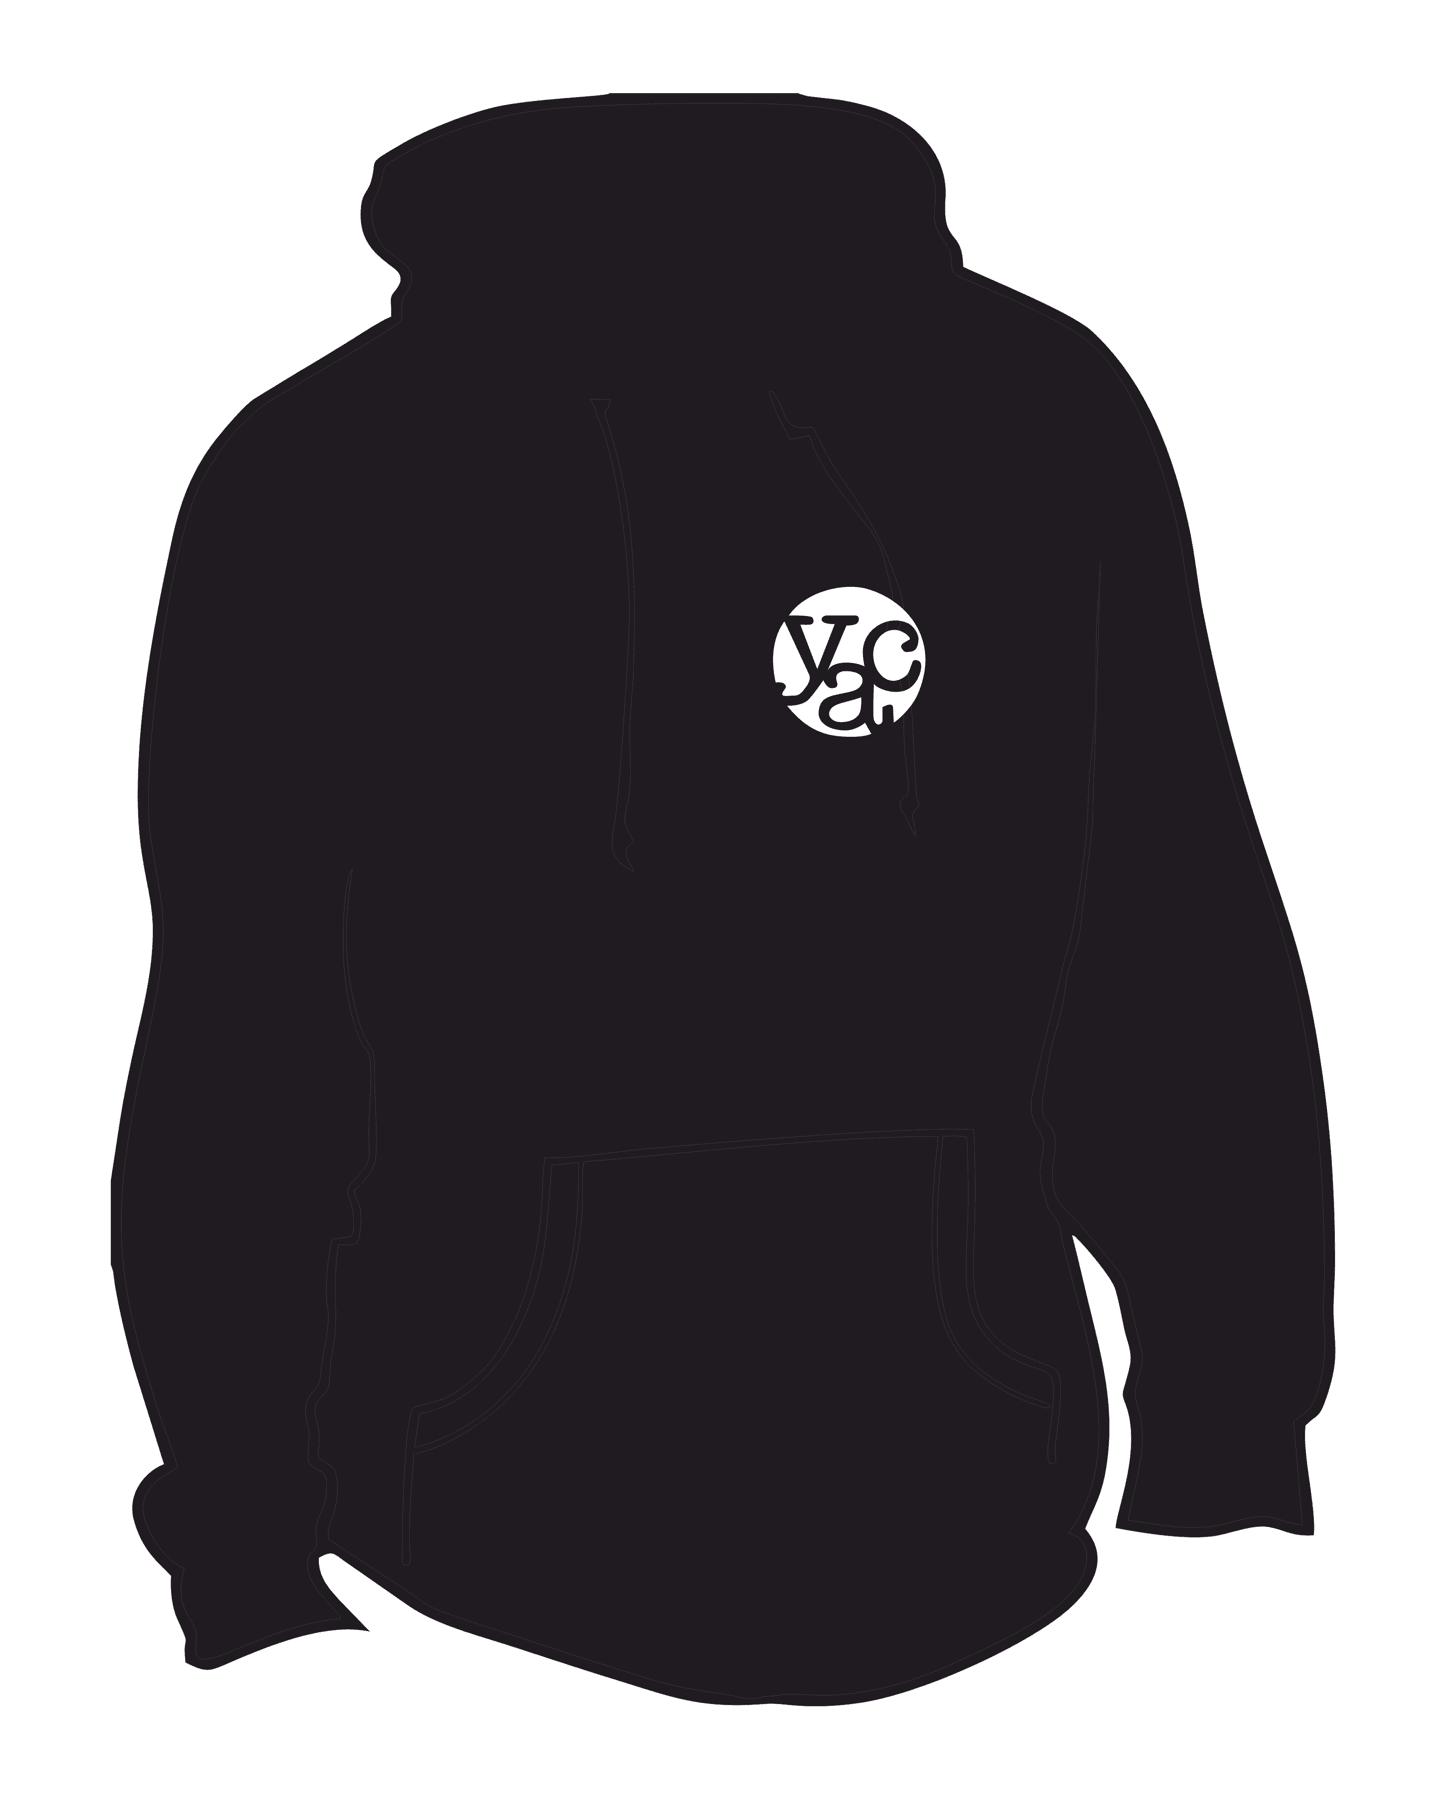 YAC Black Hoodie – Adult